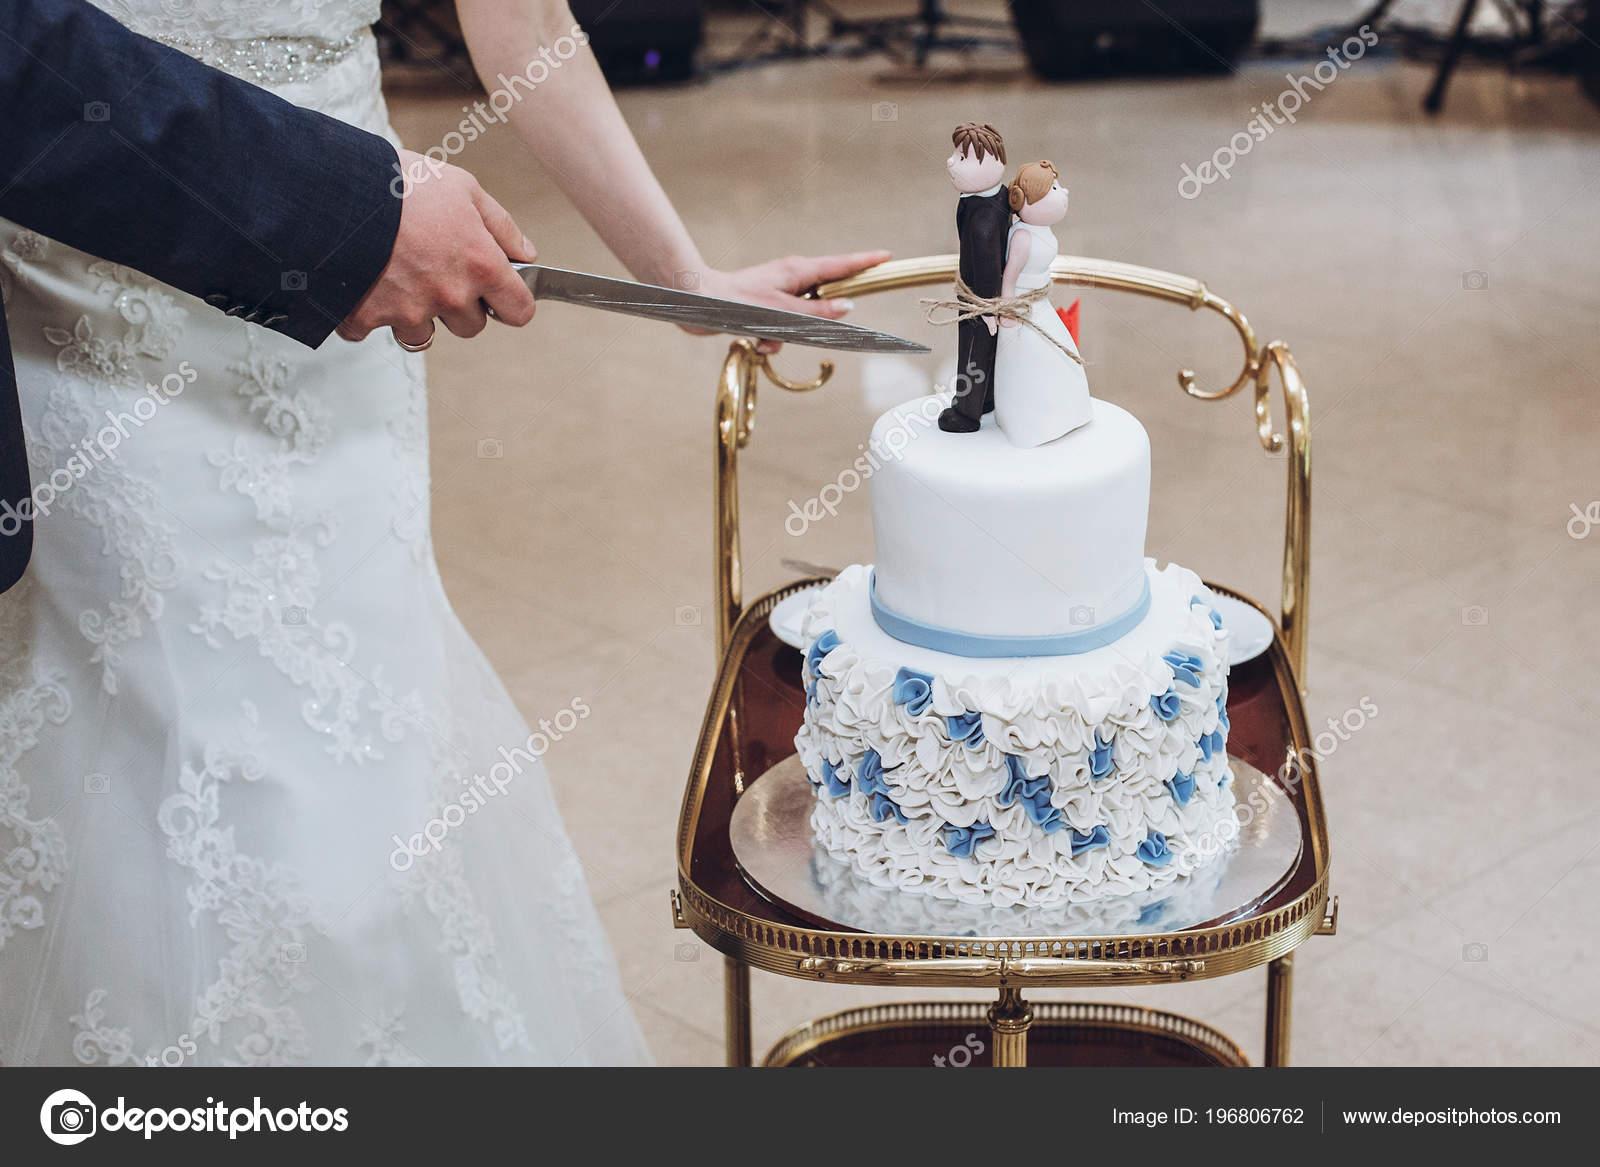 Hochzeitspaar Schneiden Zusammen Leckere Hochzeitstorte Mit Blauen